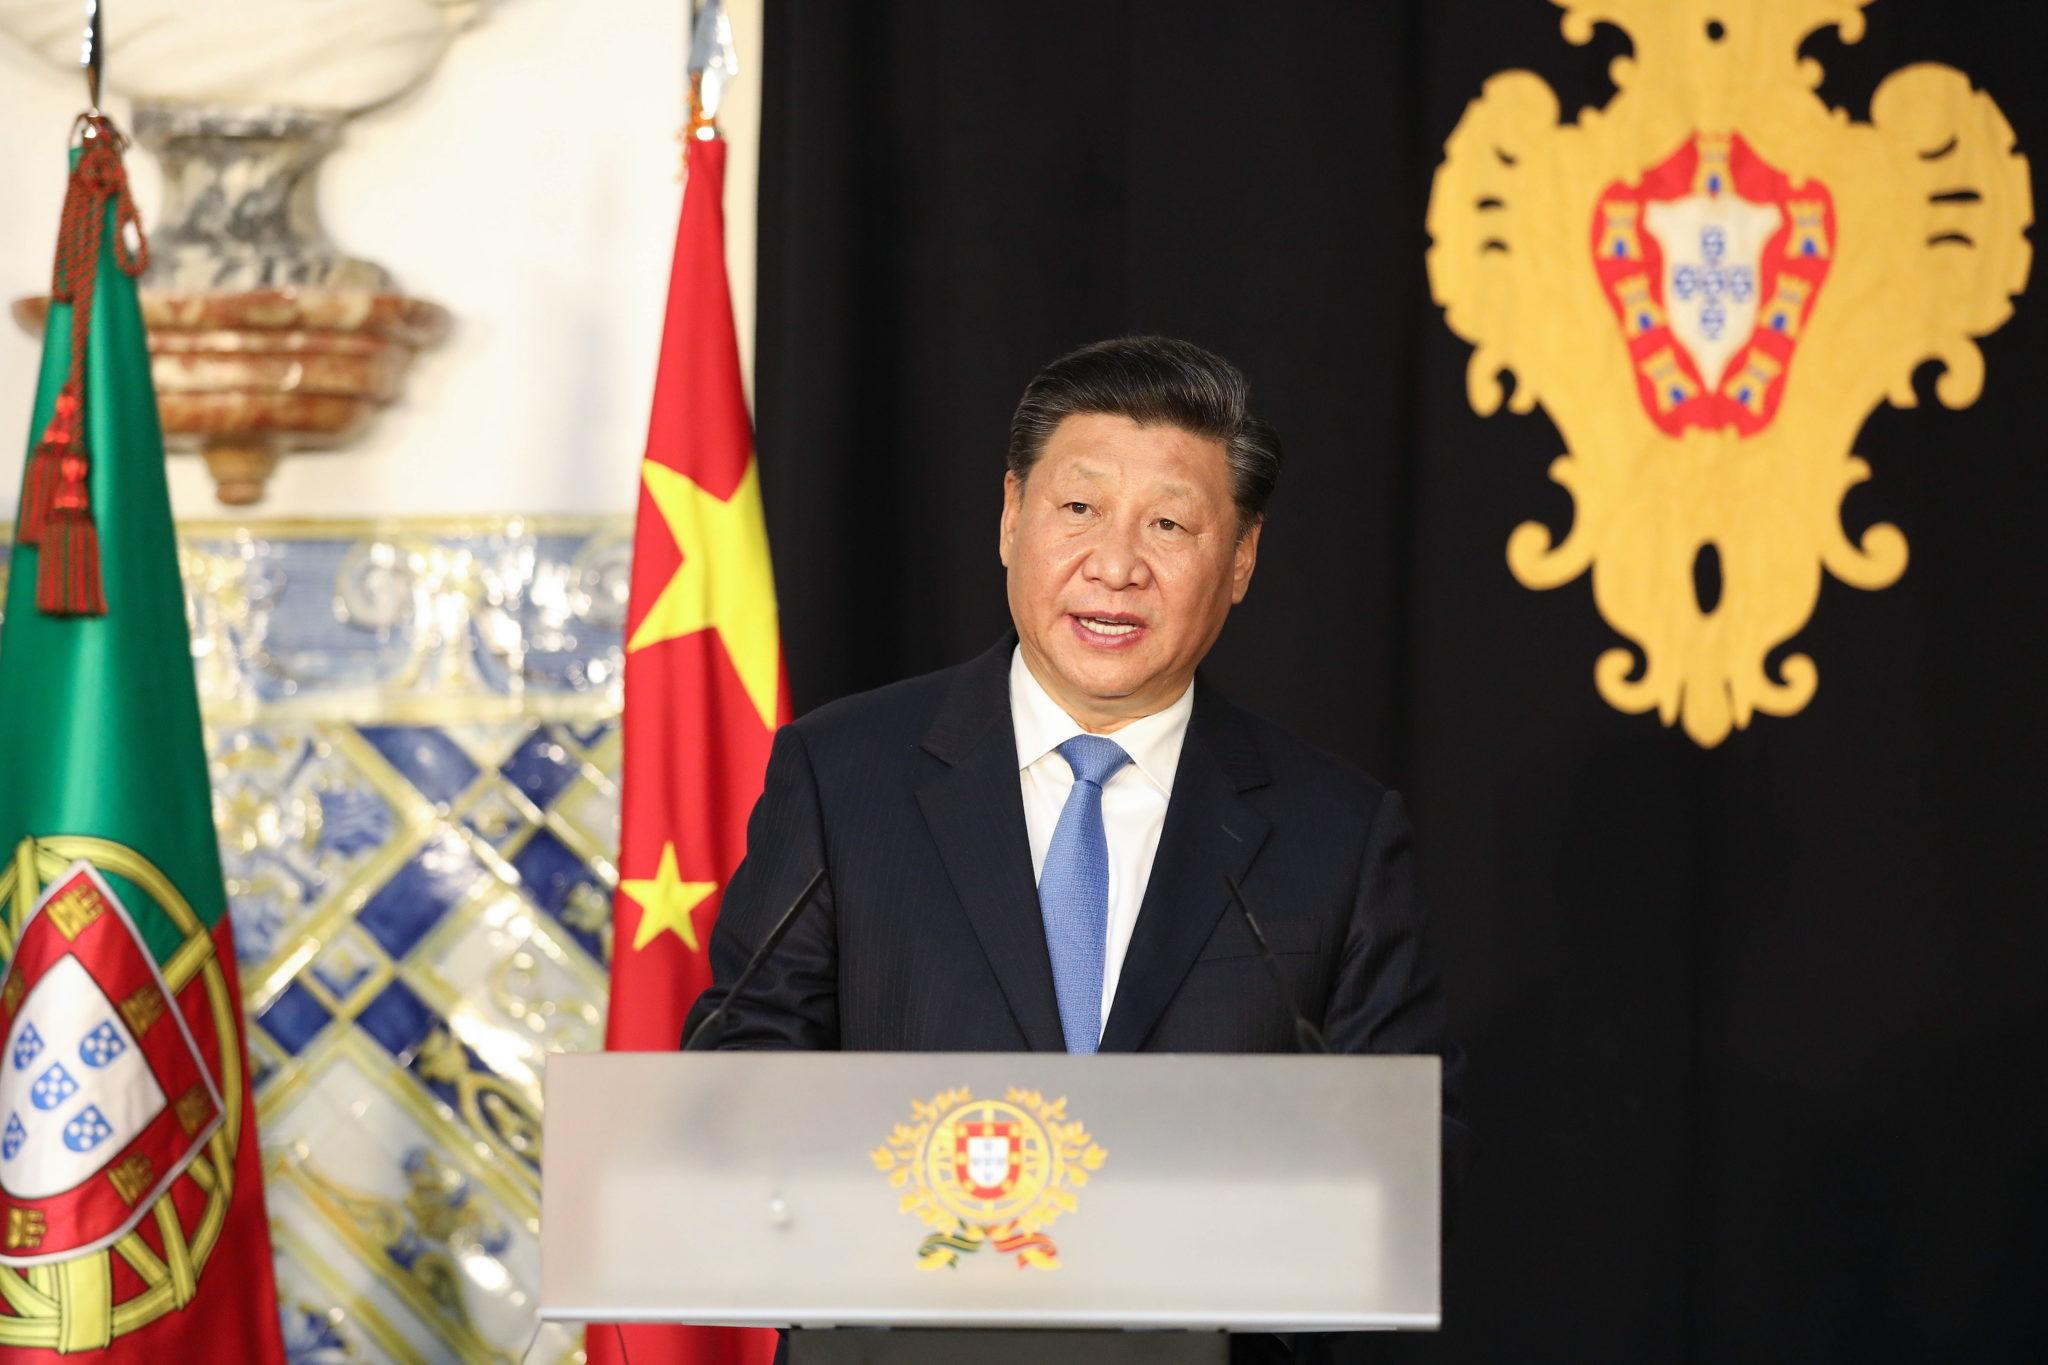 Corrupção | Xi sublinha reforma contínua no sistema de supervisão nacional